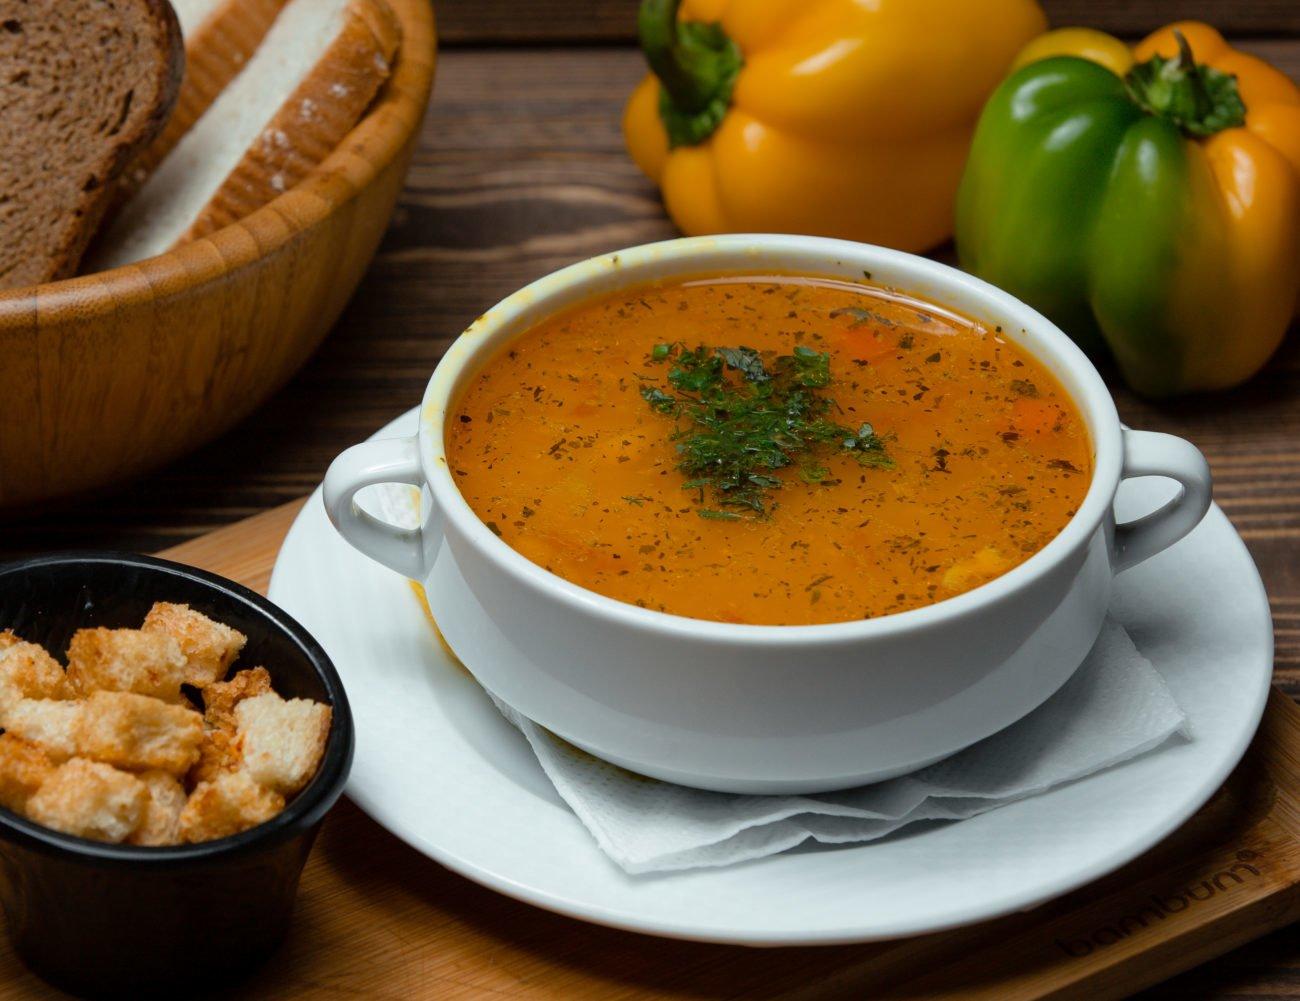 Mixed Vegetable Lentil Soup